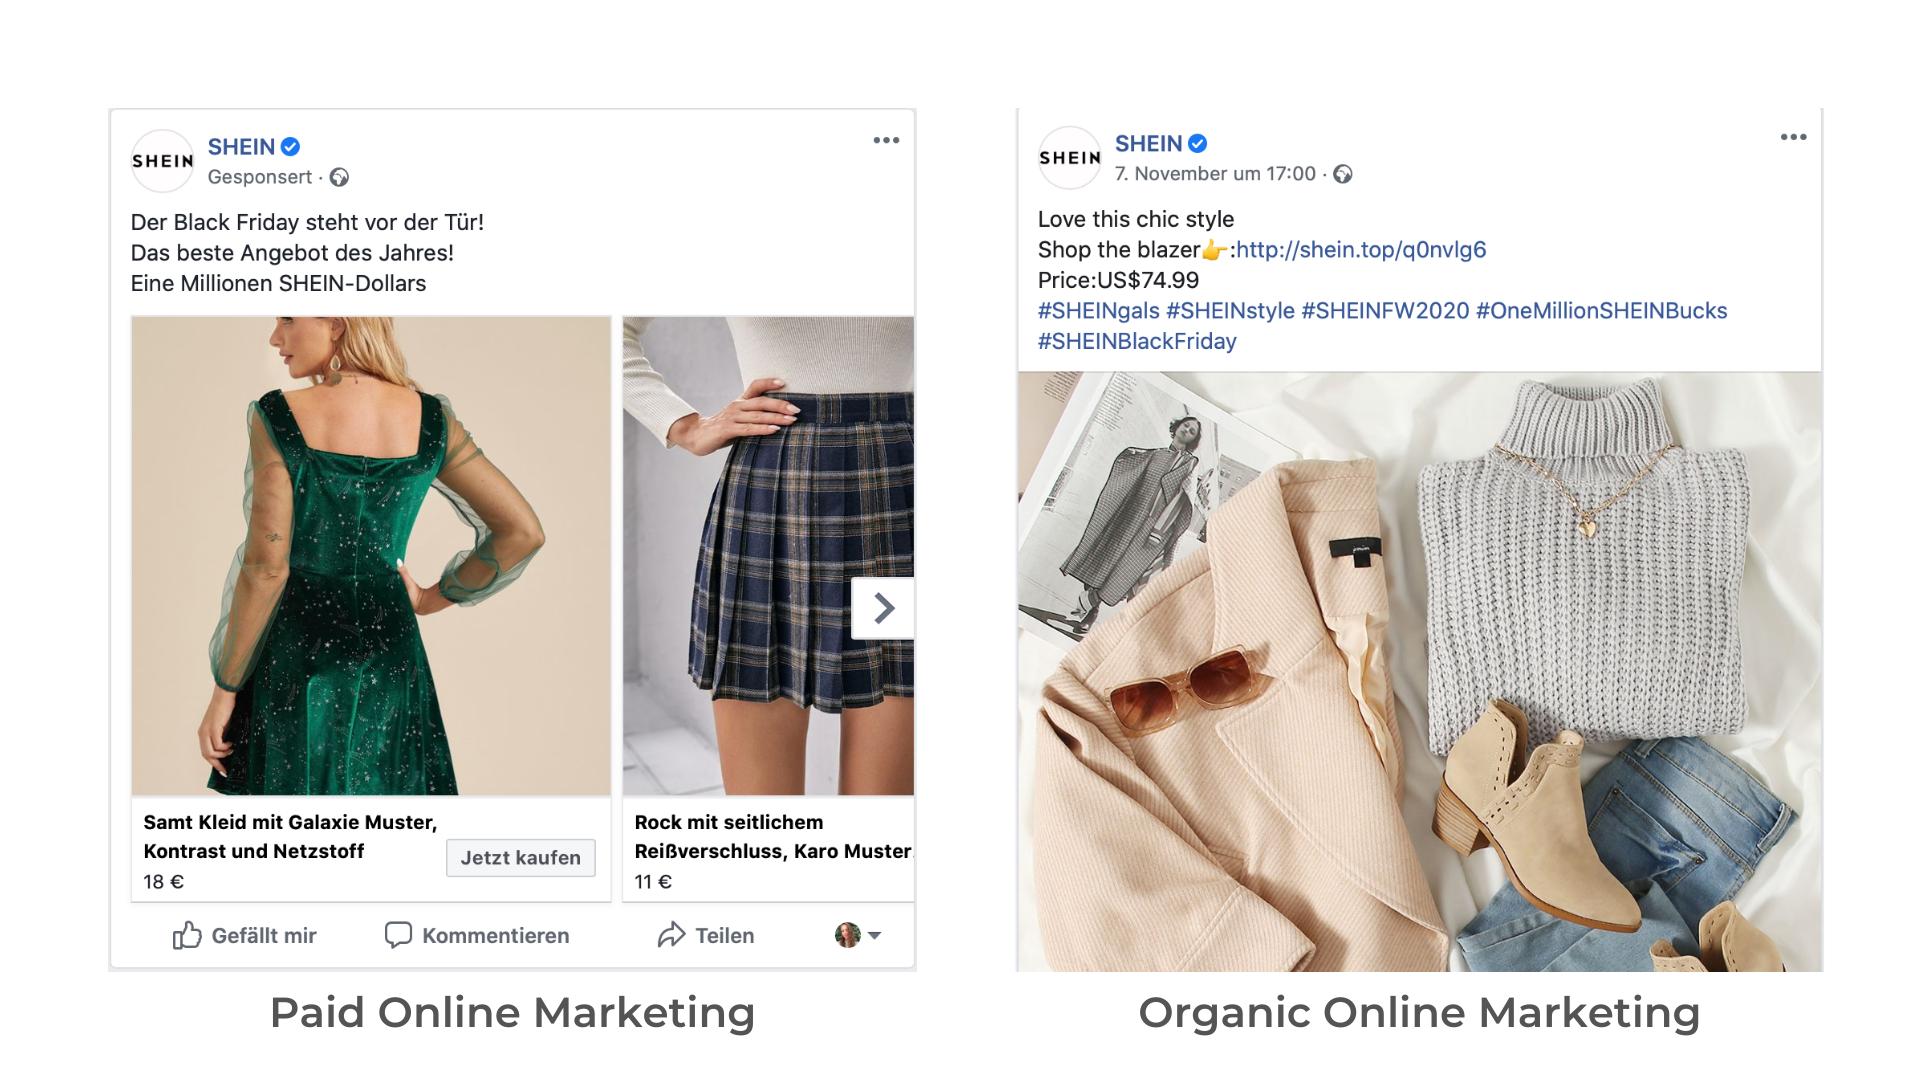 Ein Beispiel für bezahltes und organisches Marketing